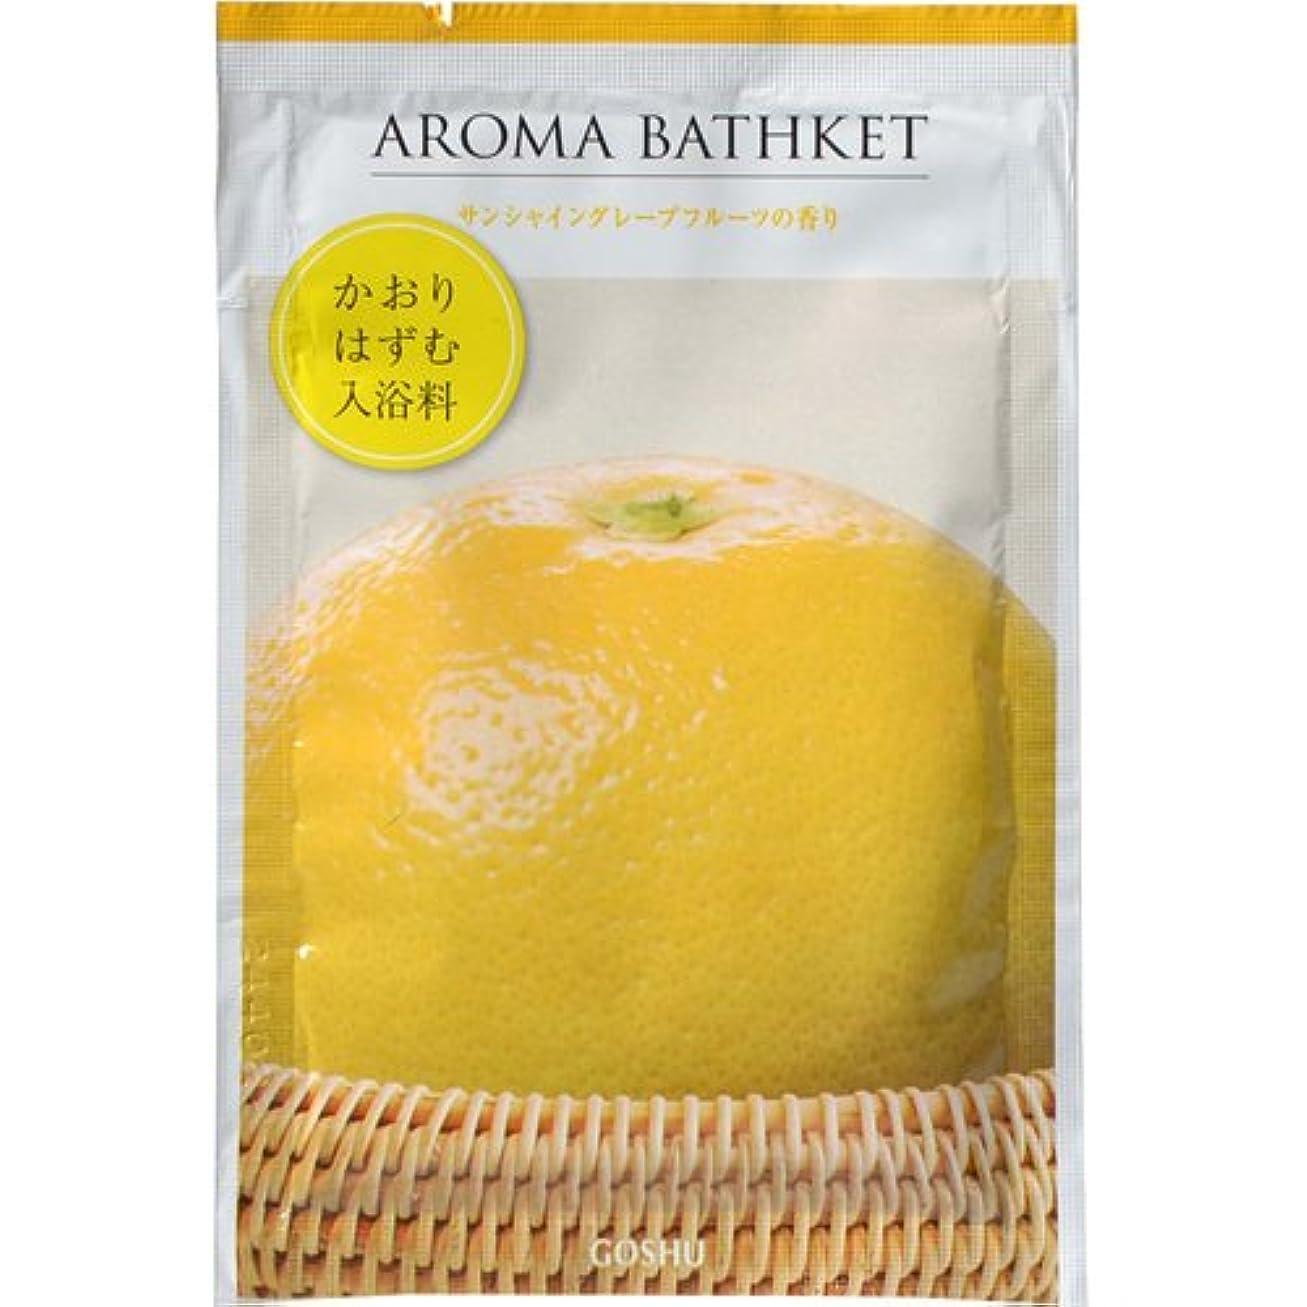 悲惨山賞賛アロマバスケット サンシャイングレープフルーツの香り 25g